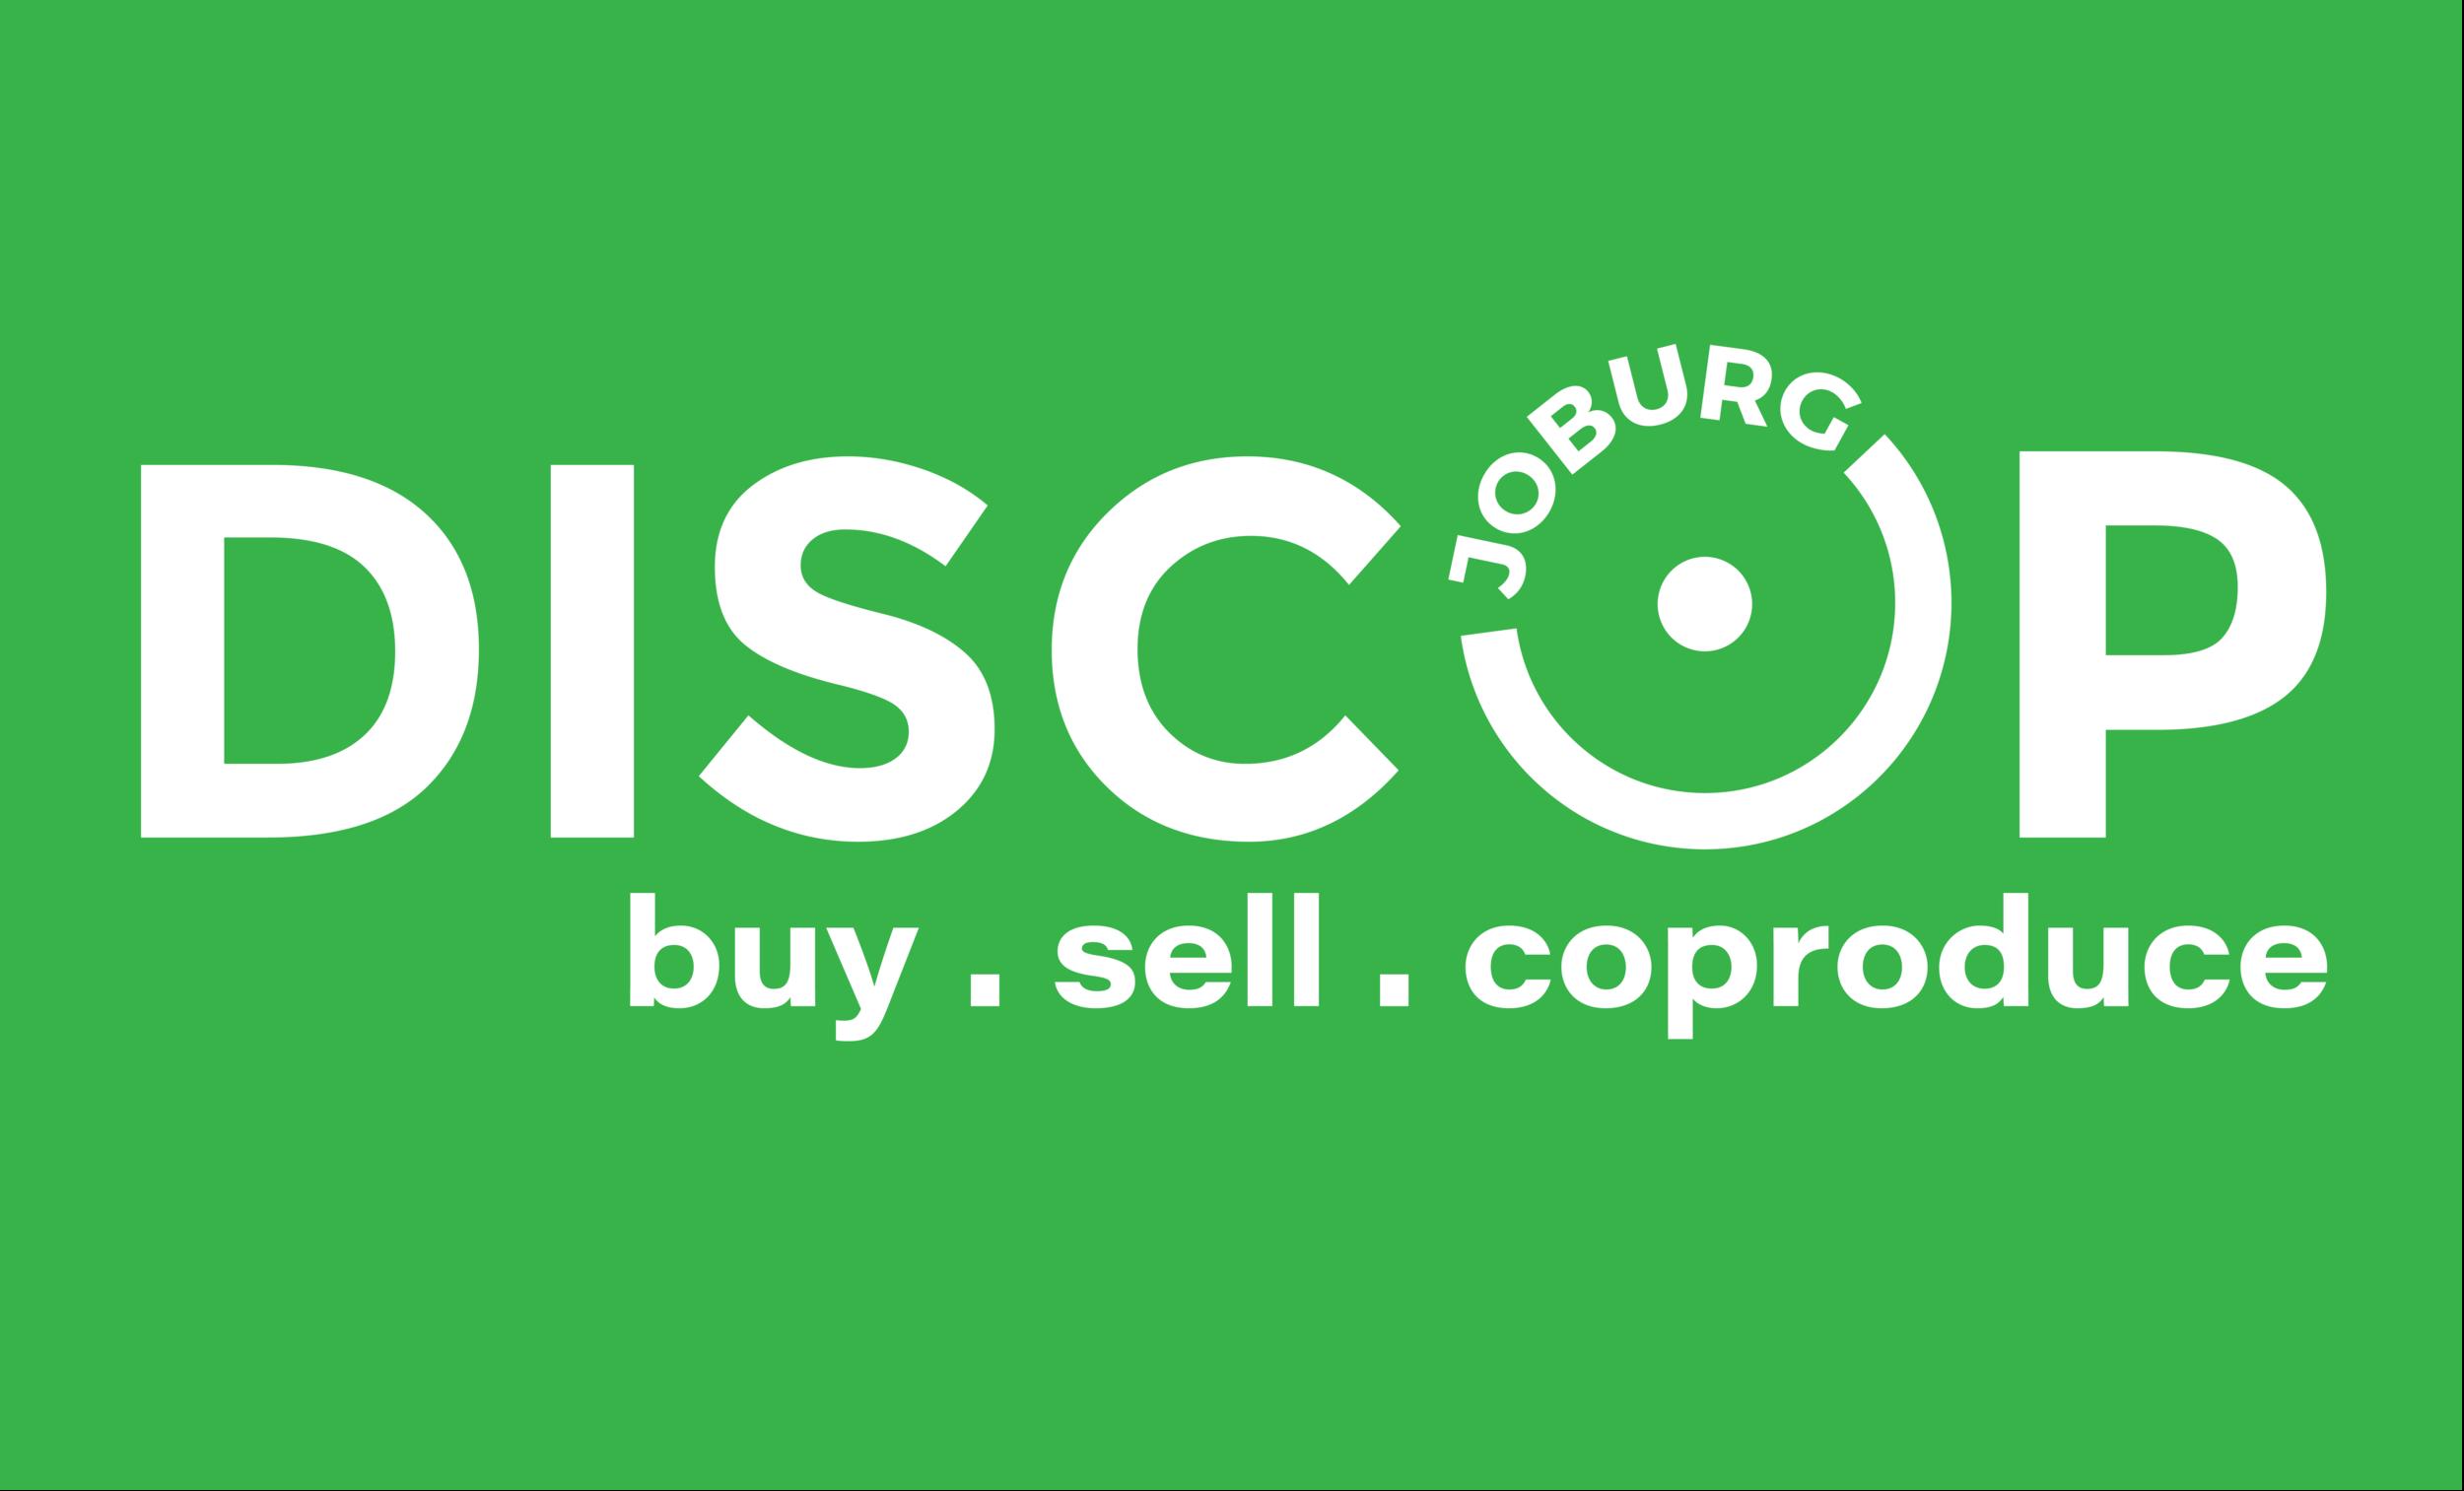 disopc+joburg_buySellCoproduc2-01